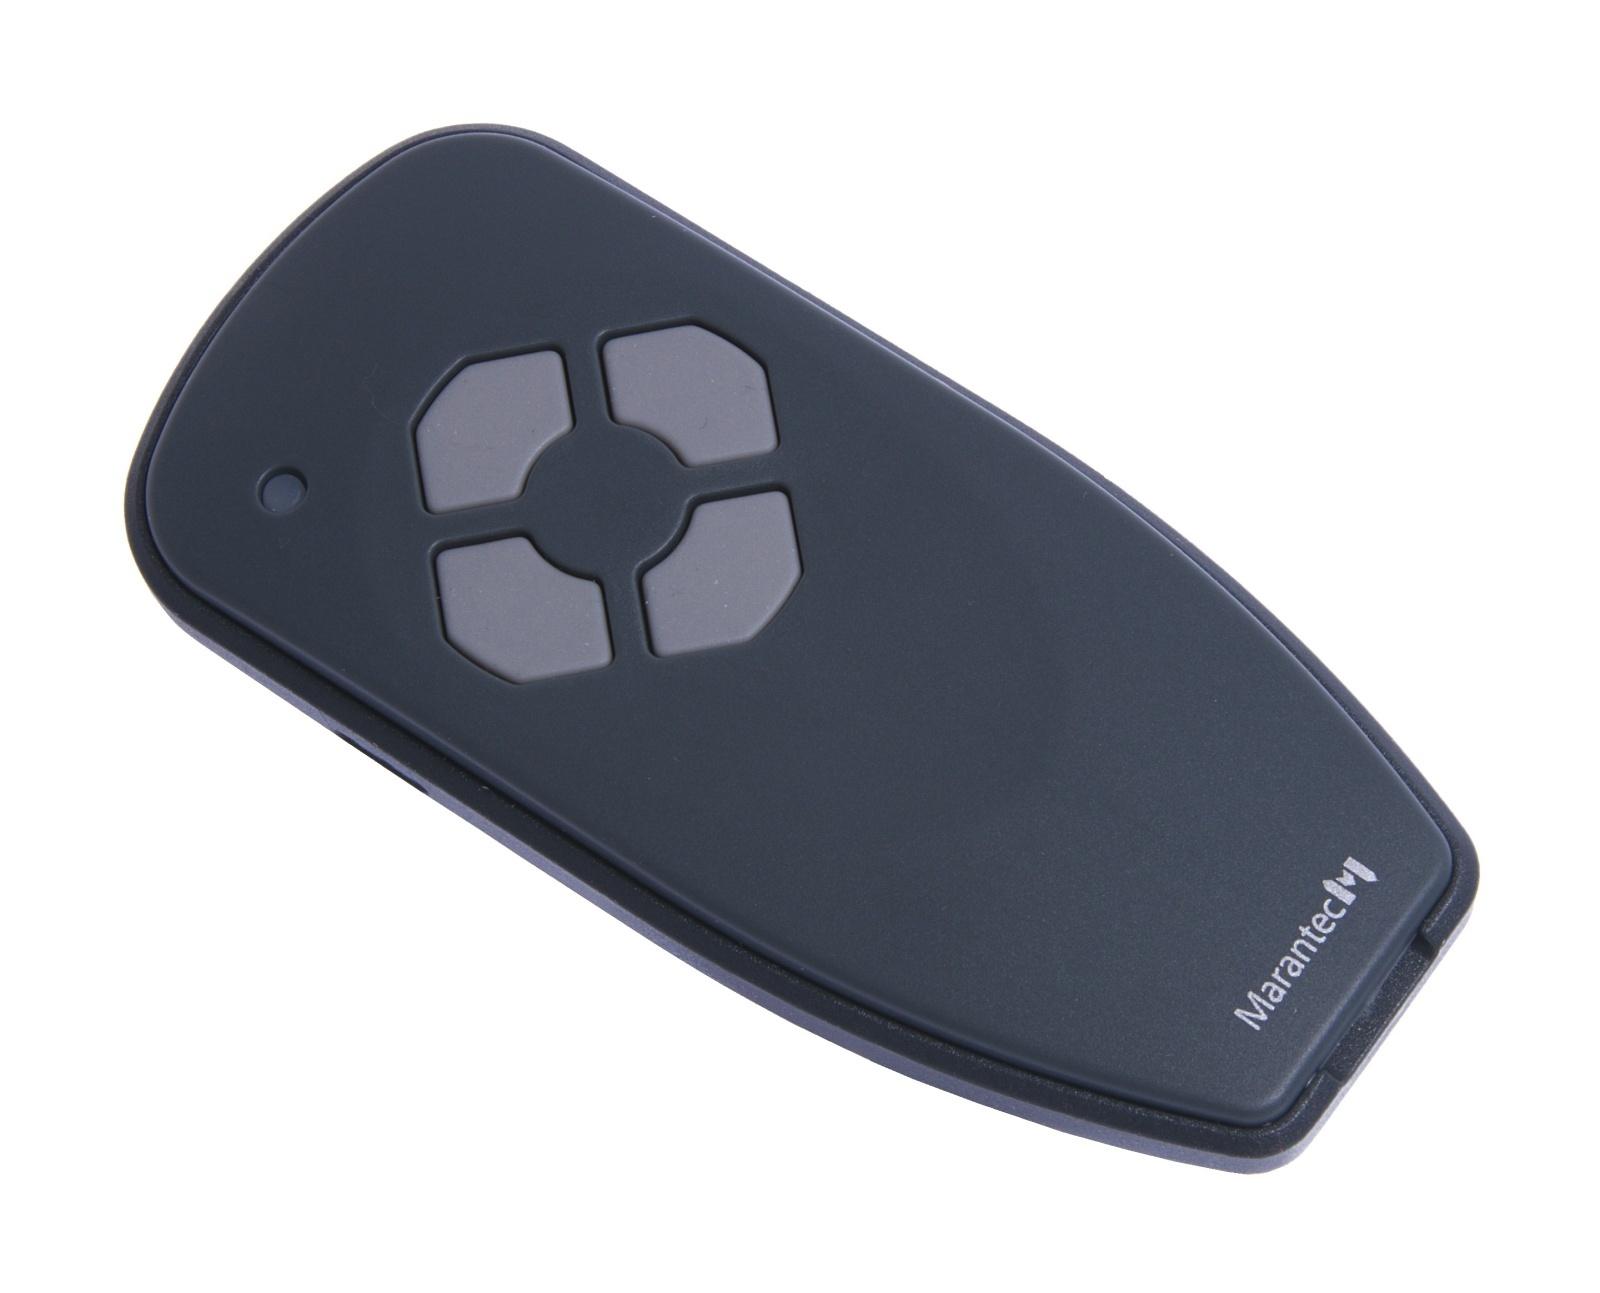 Dálkový ovladač Marantec Digital 384, 4-kanálový, 868,3 Mhz